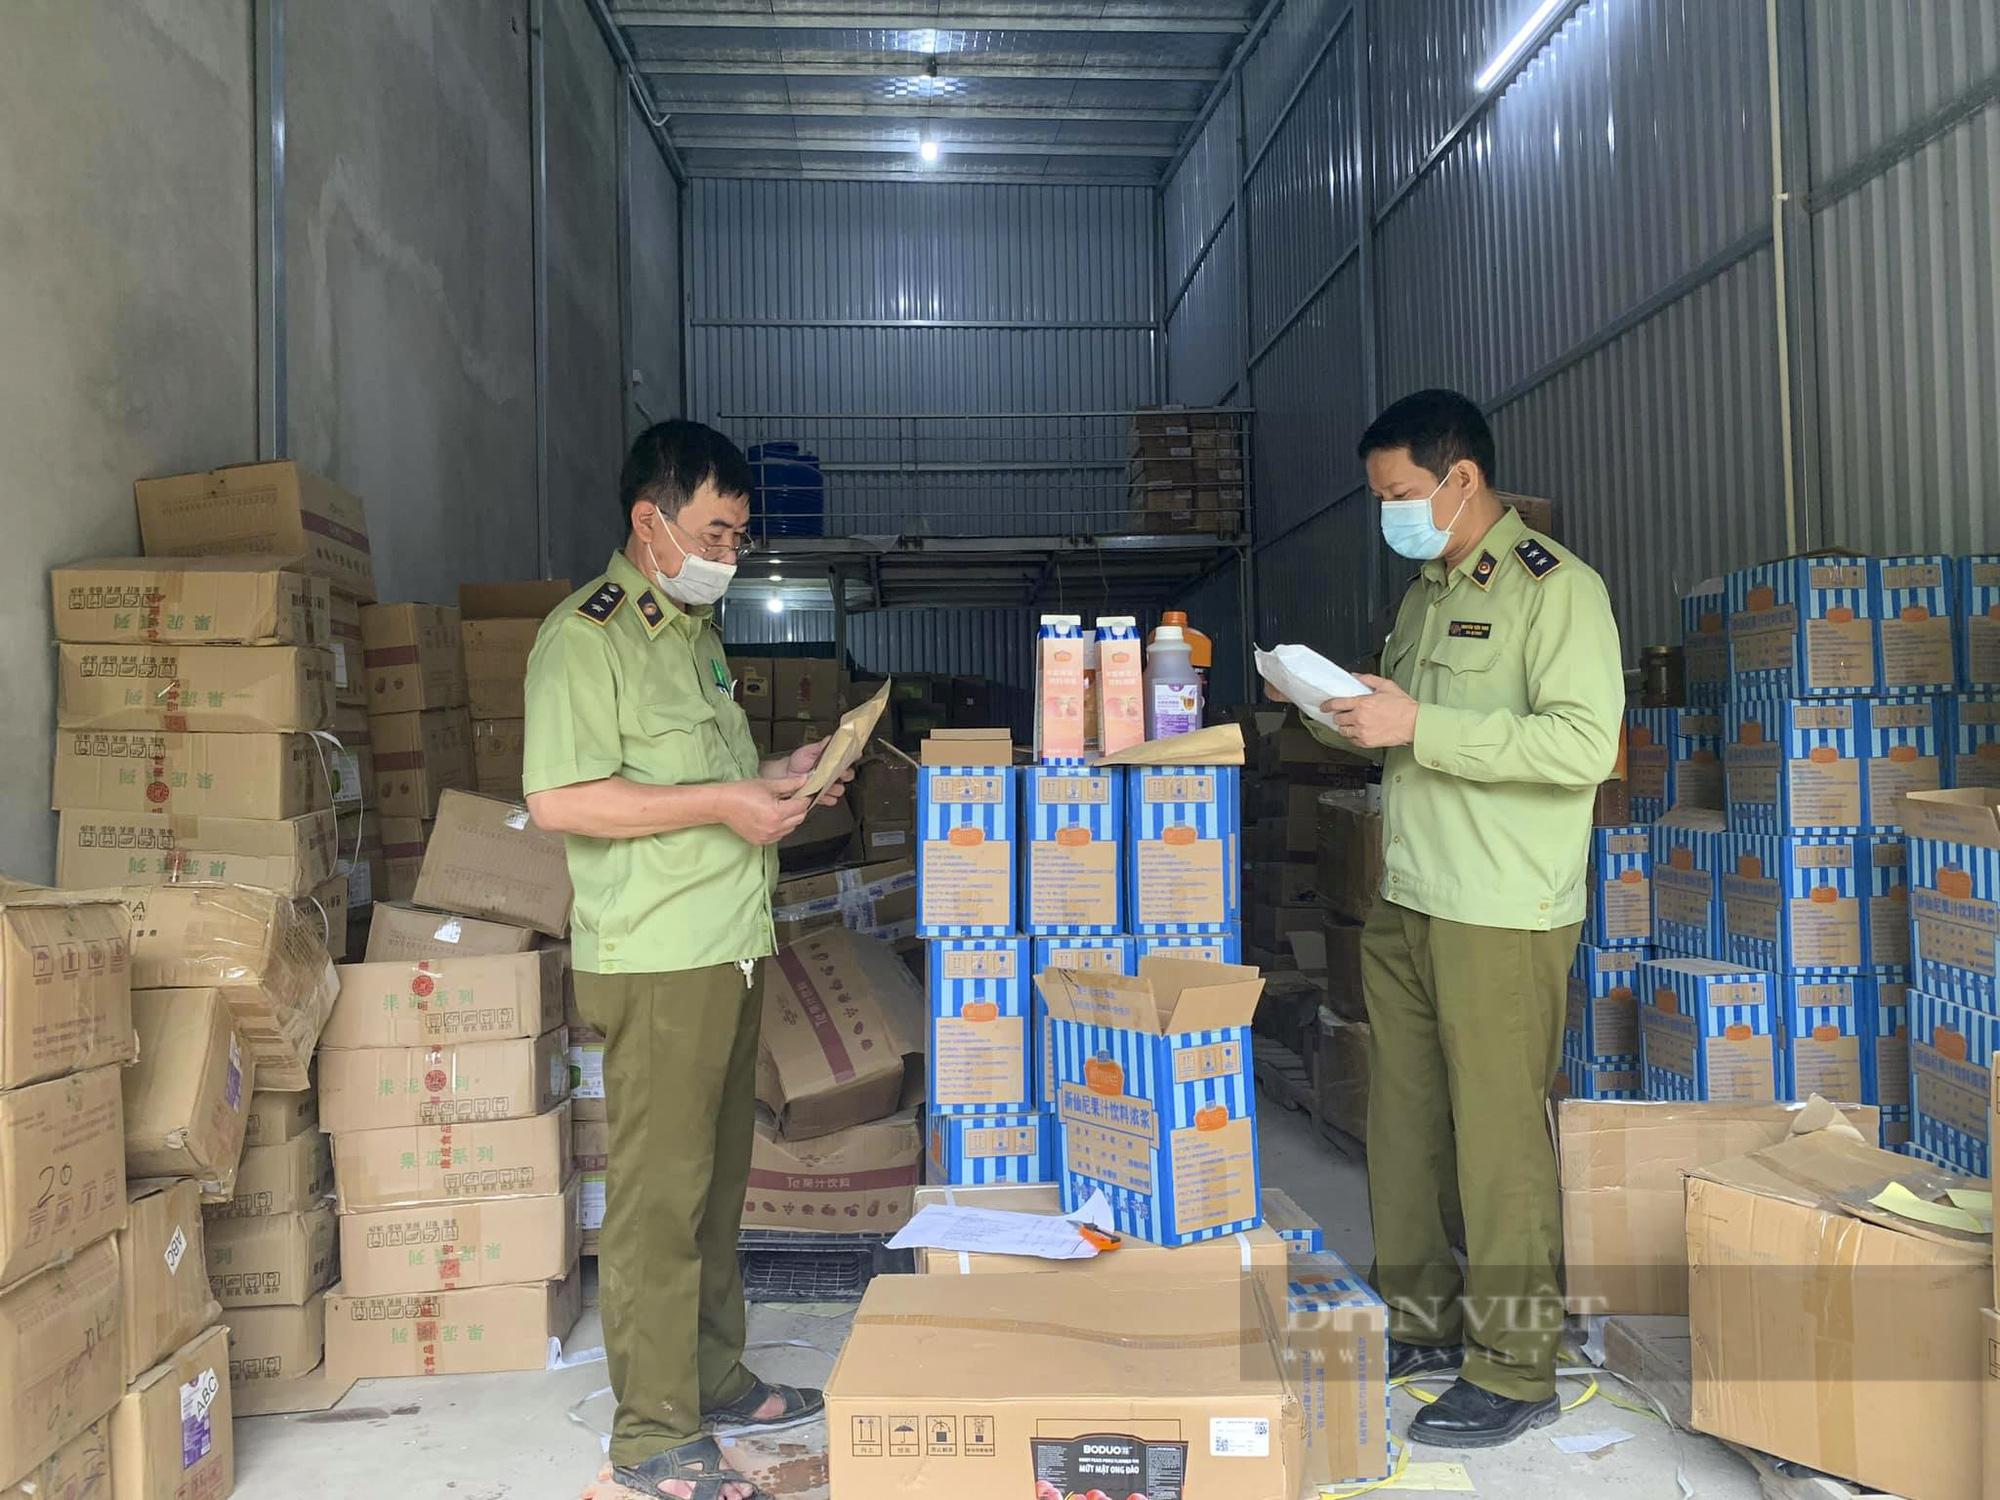 Hà Nội tạm giữ hàng tấn nguyên liệu trà sữa không hóa đơn chứng từ - Ảnh 1.